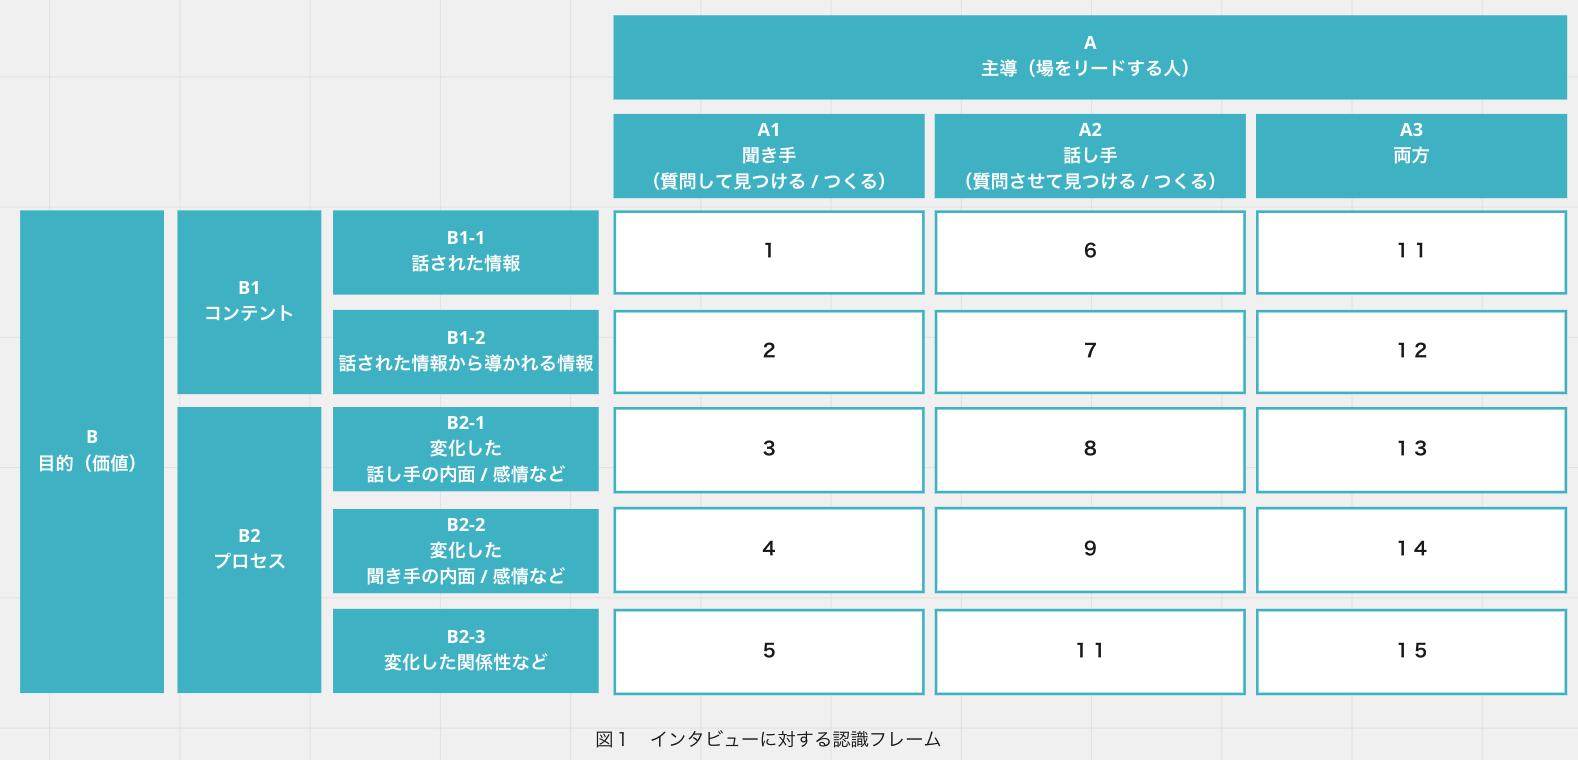 f:id:yoshitsugumi:20201226033102p:plain